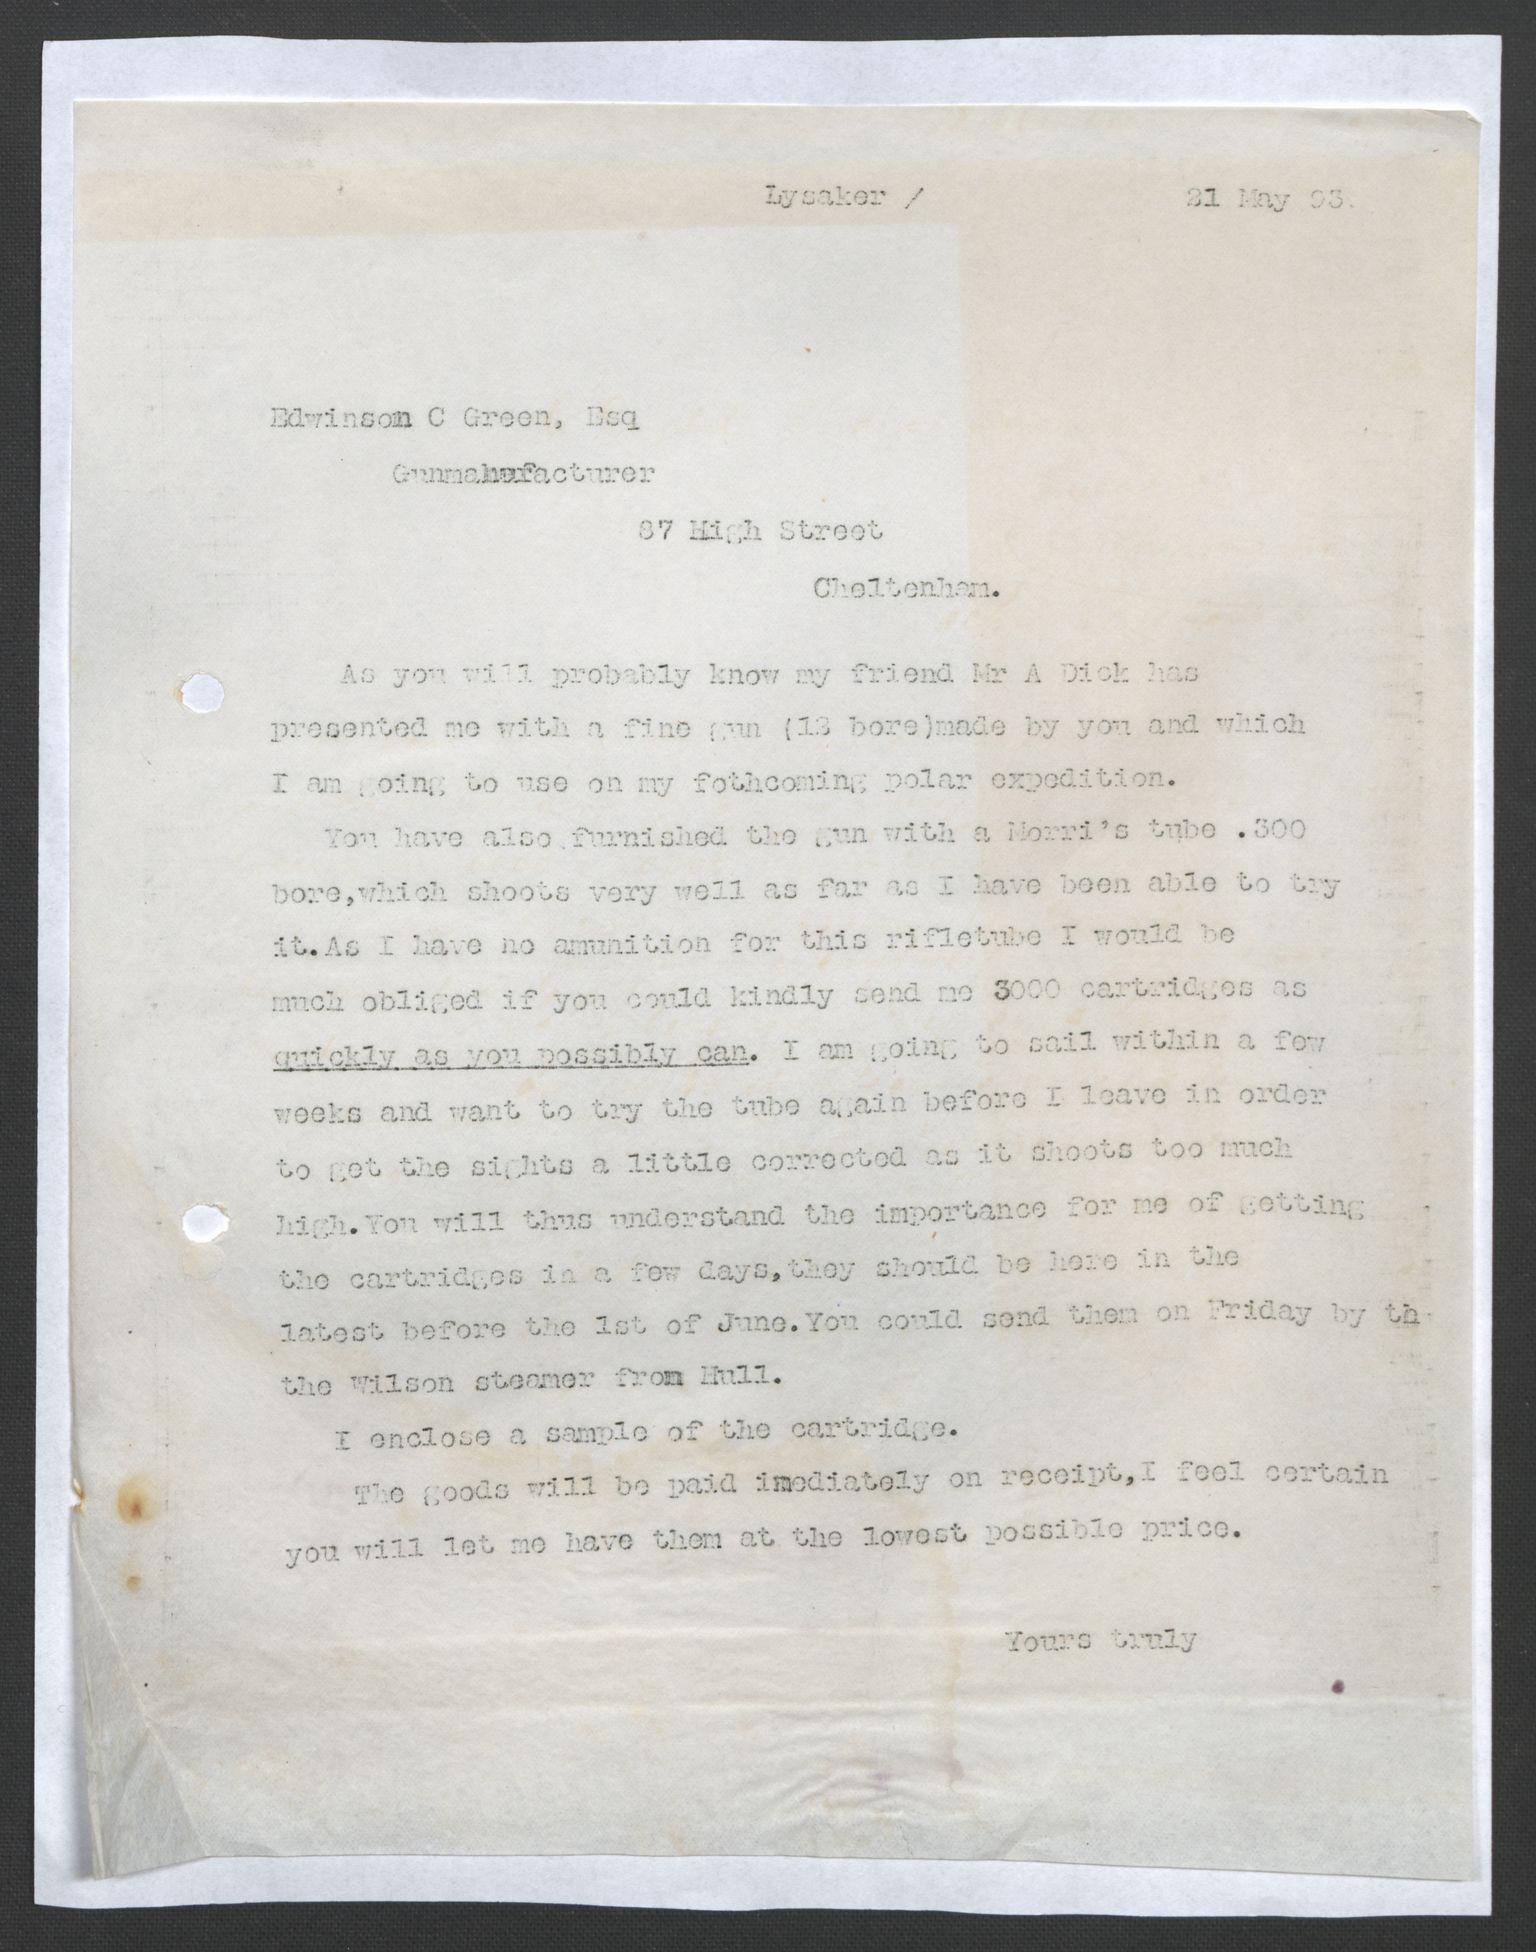 RA, Arbeidskomitéen for Fridtjof Nansens polarekspedisjon, D/L0003: Innk. brev og telegrammer vedr. proviant og utrustning, 1893, s. 174